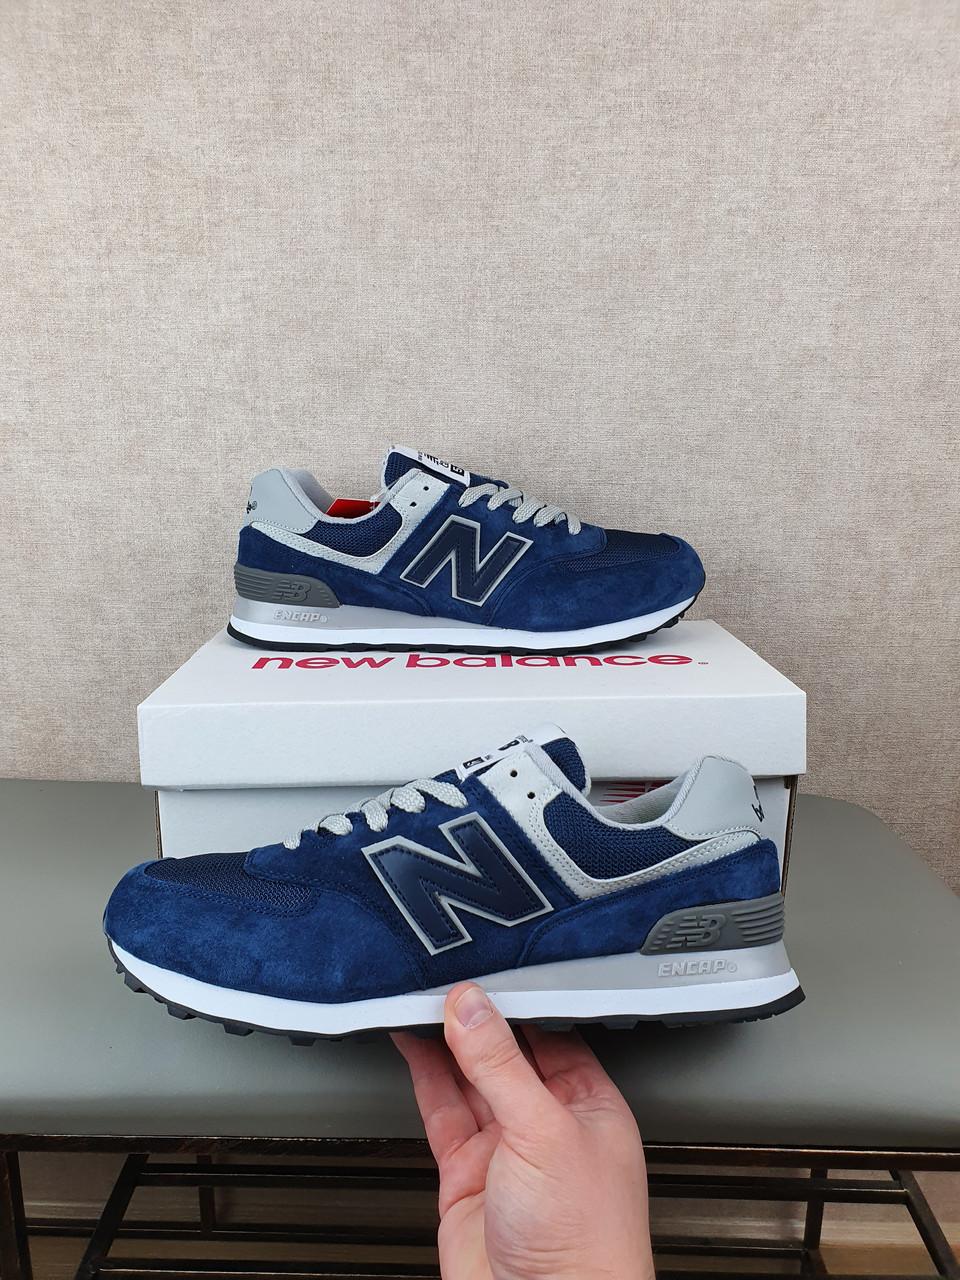 New Balance 574 кросівки чоловічі сині. Взуття чоловіче Нью Беланс 574 весняні для хлопців